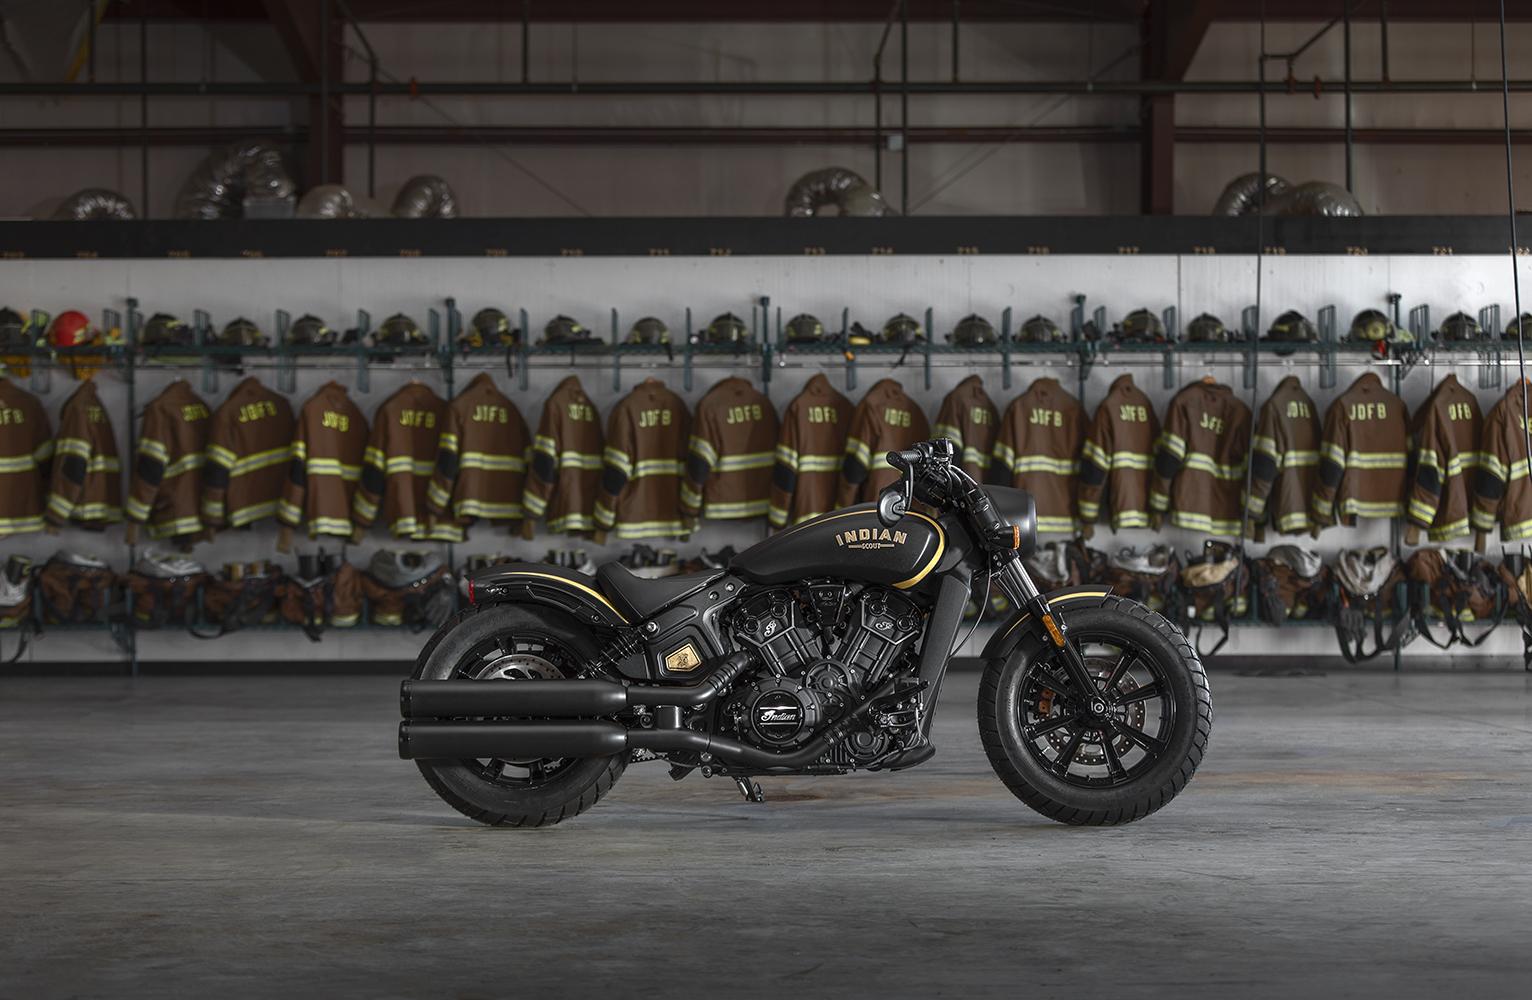 indian motorcycle, jack daniel's® & klock werks kustom cycles honor